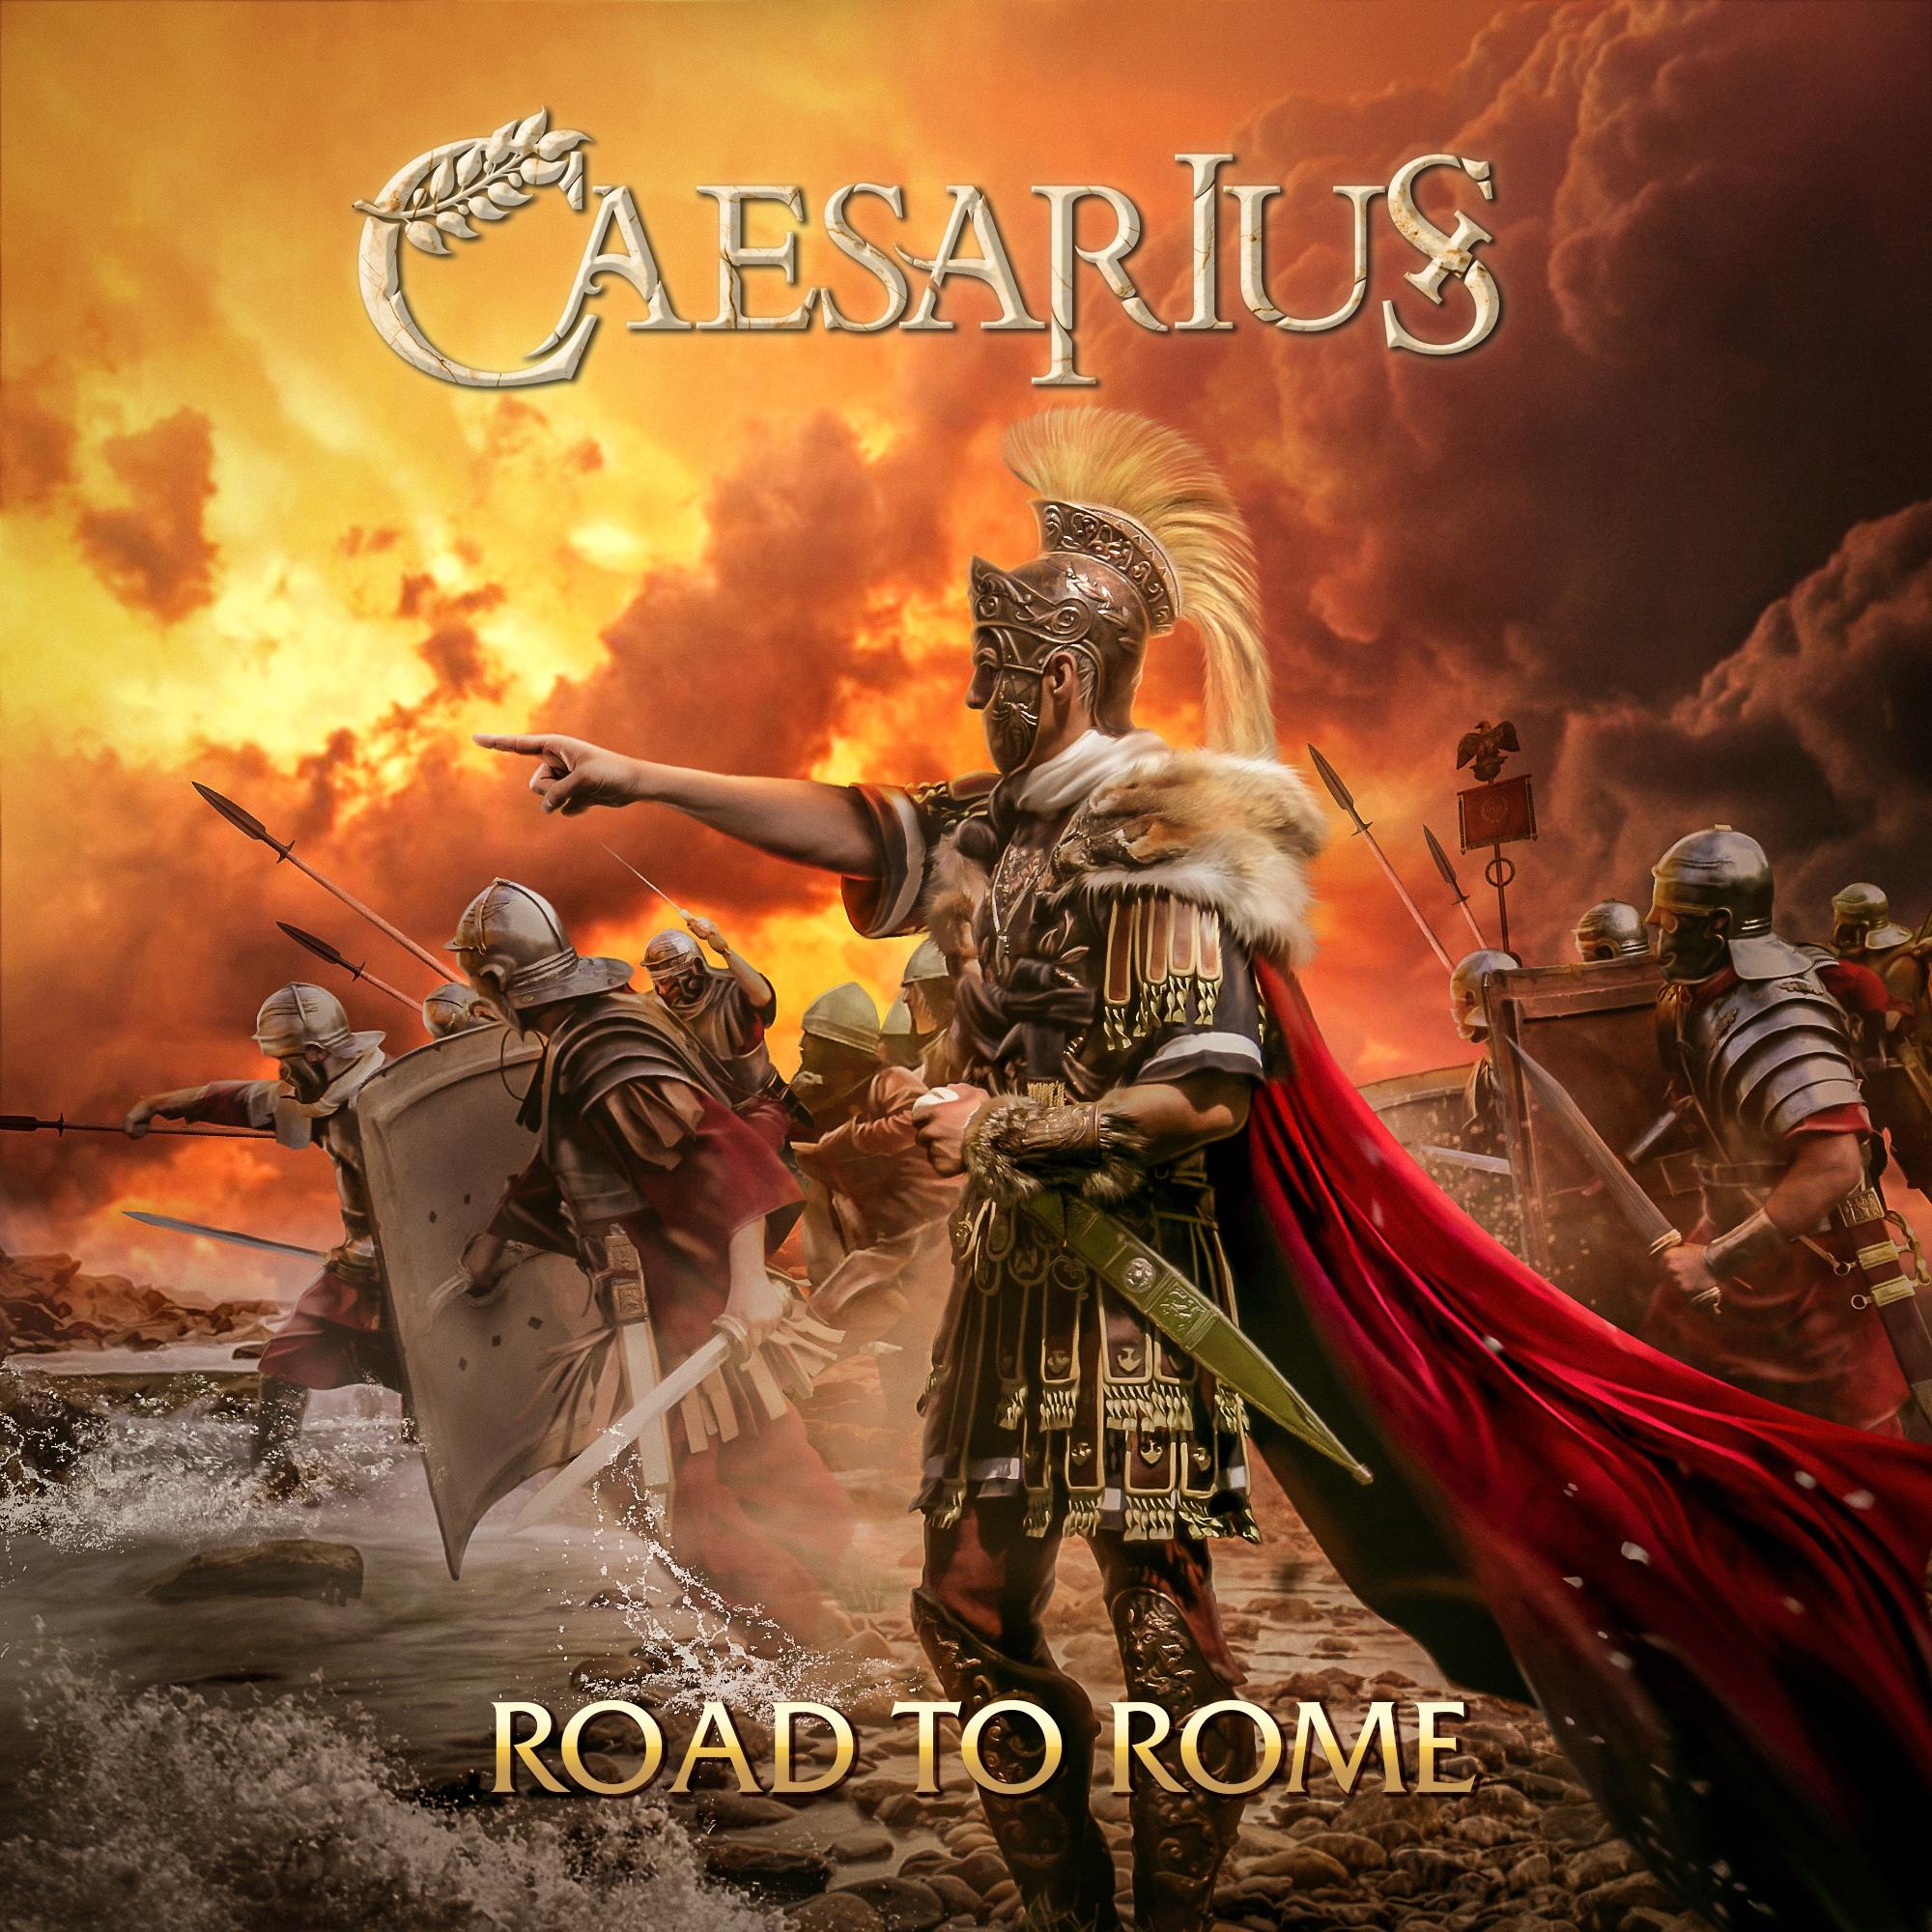 Caesarius - Road to Rome (2019)